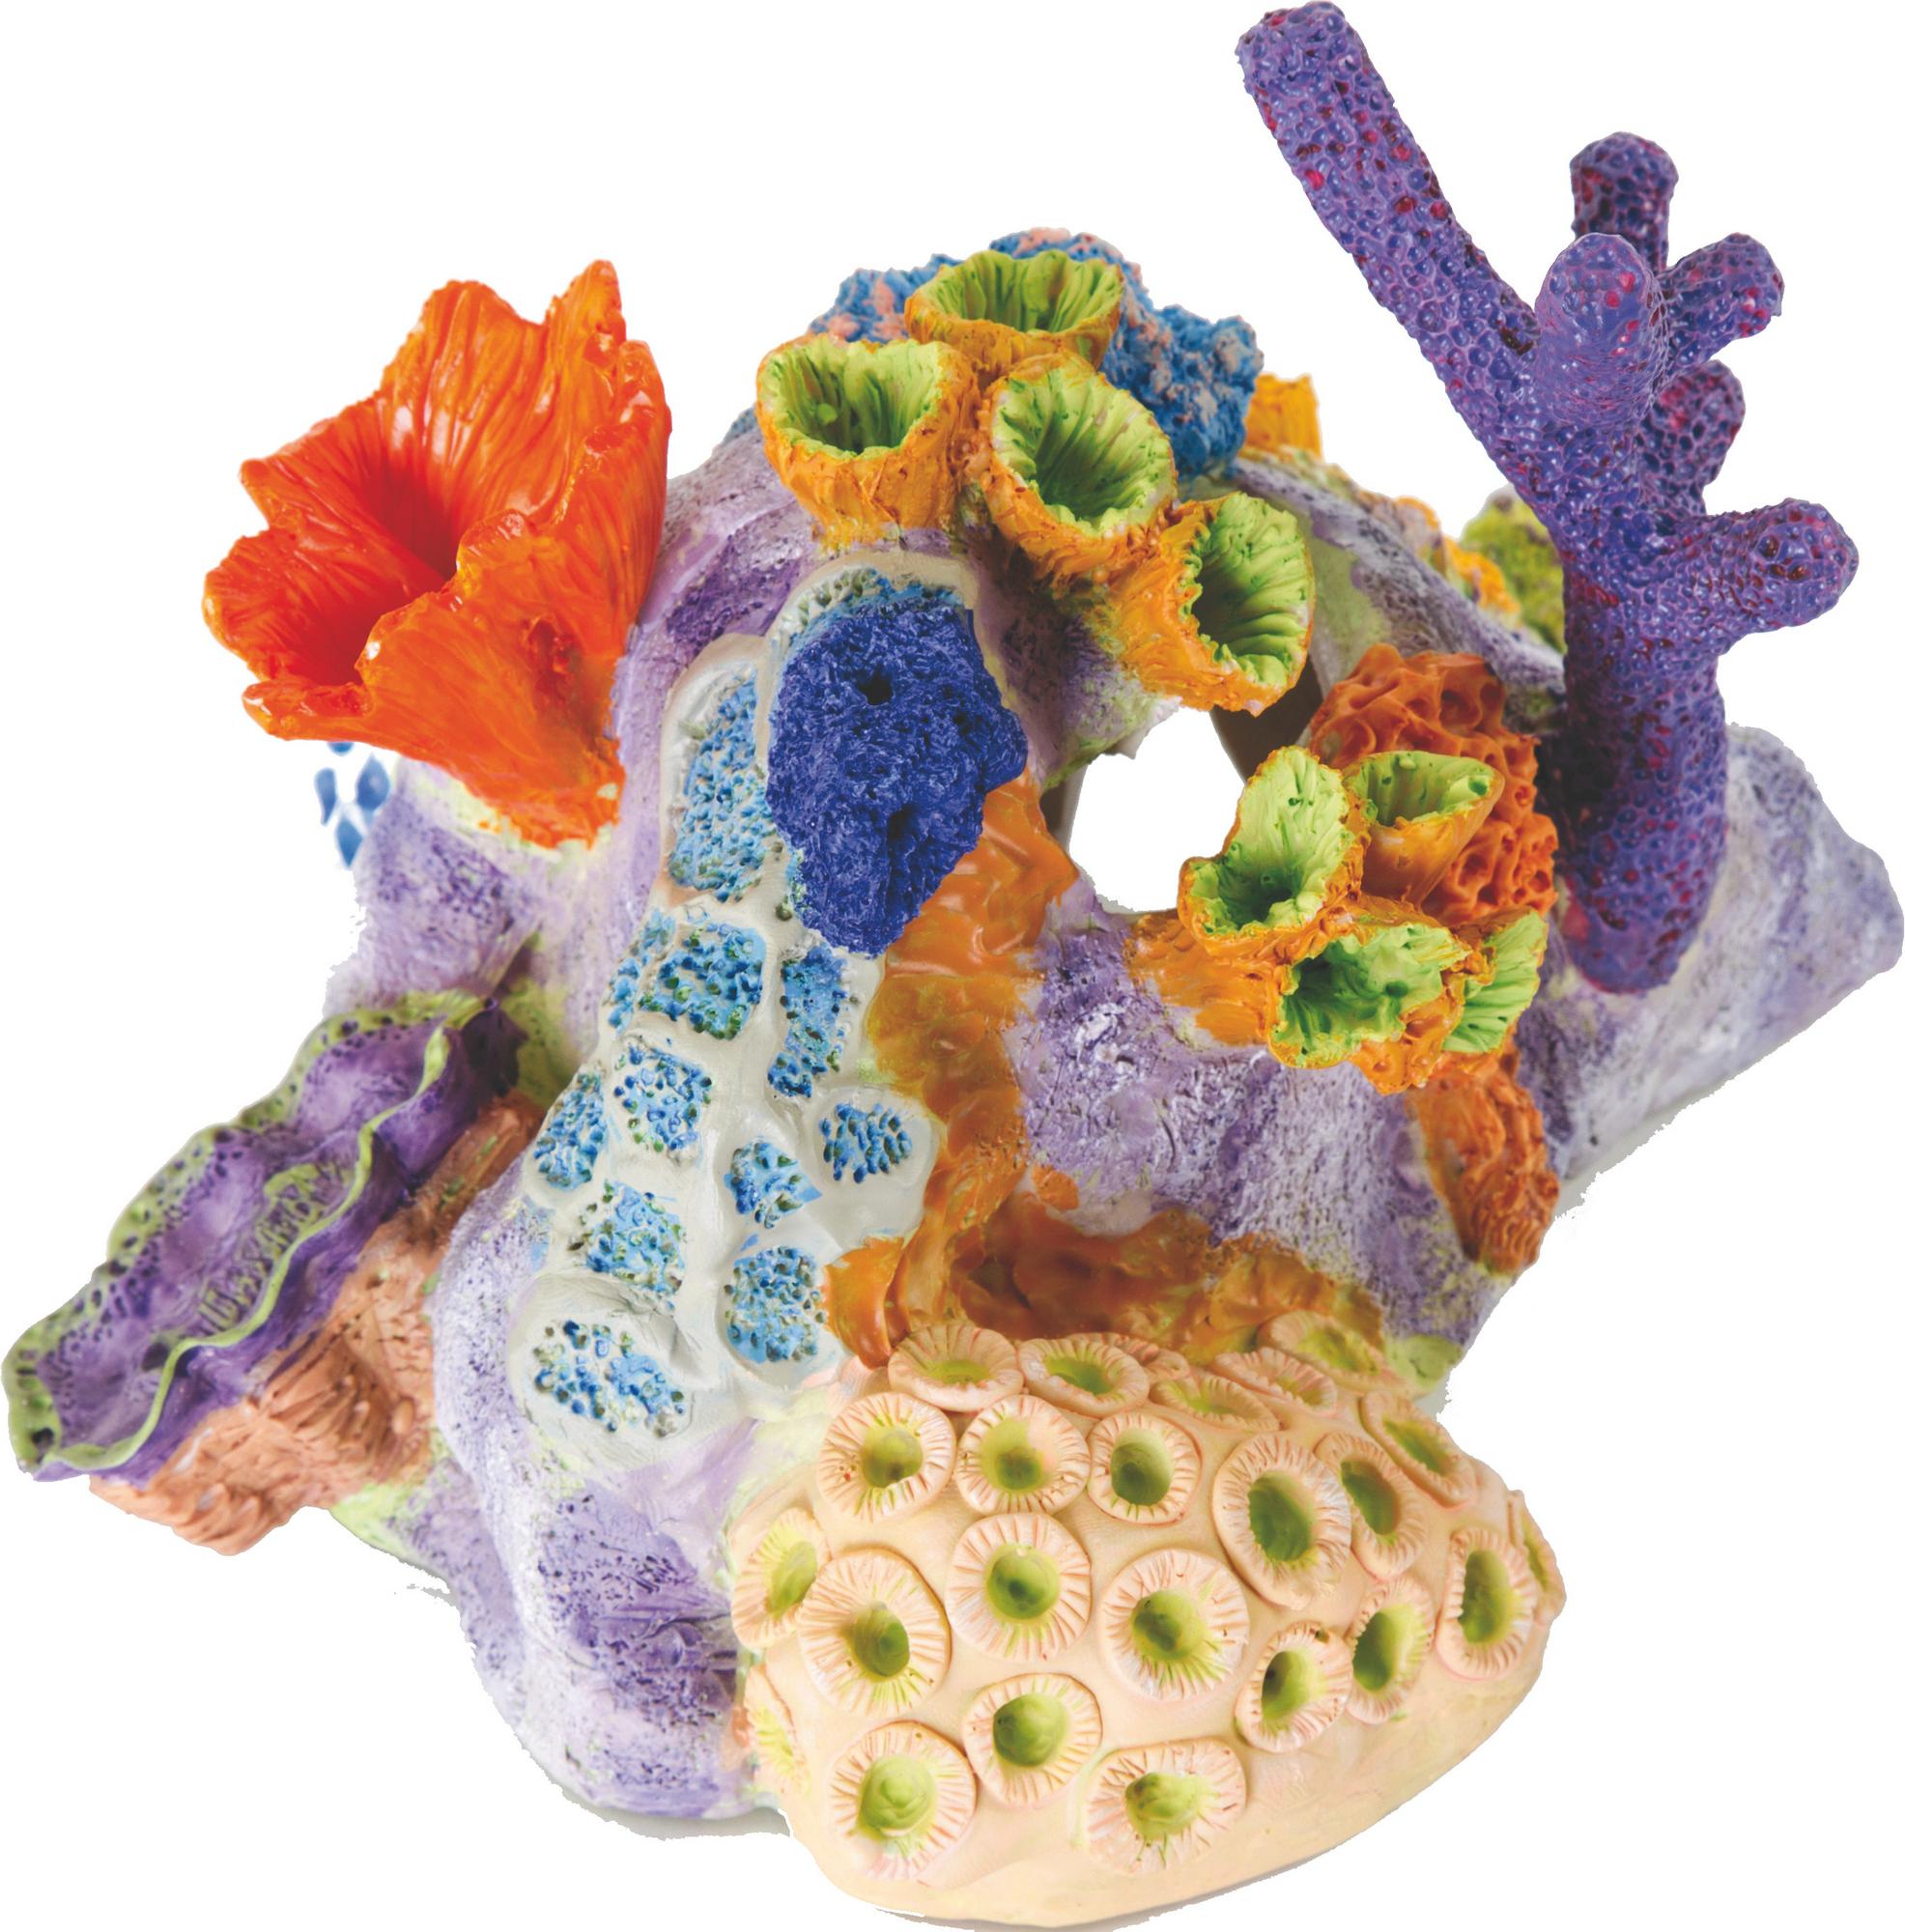 Bio Bubble Pacific Reef Ornament